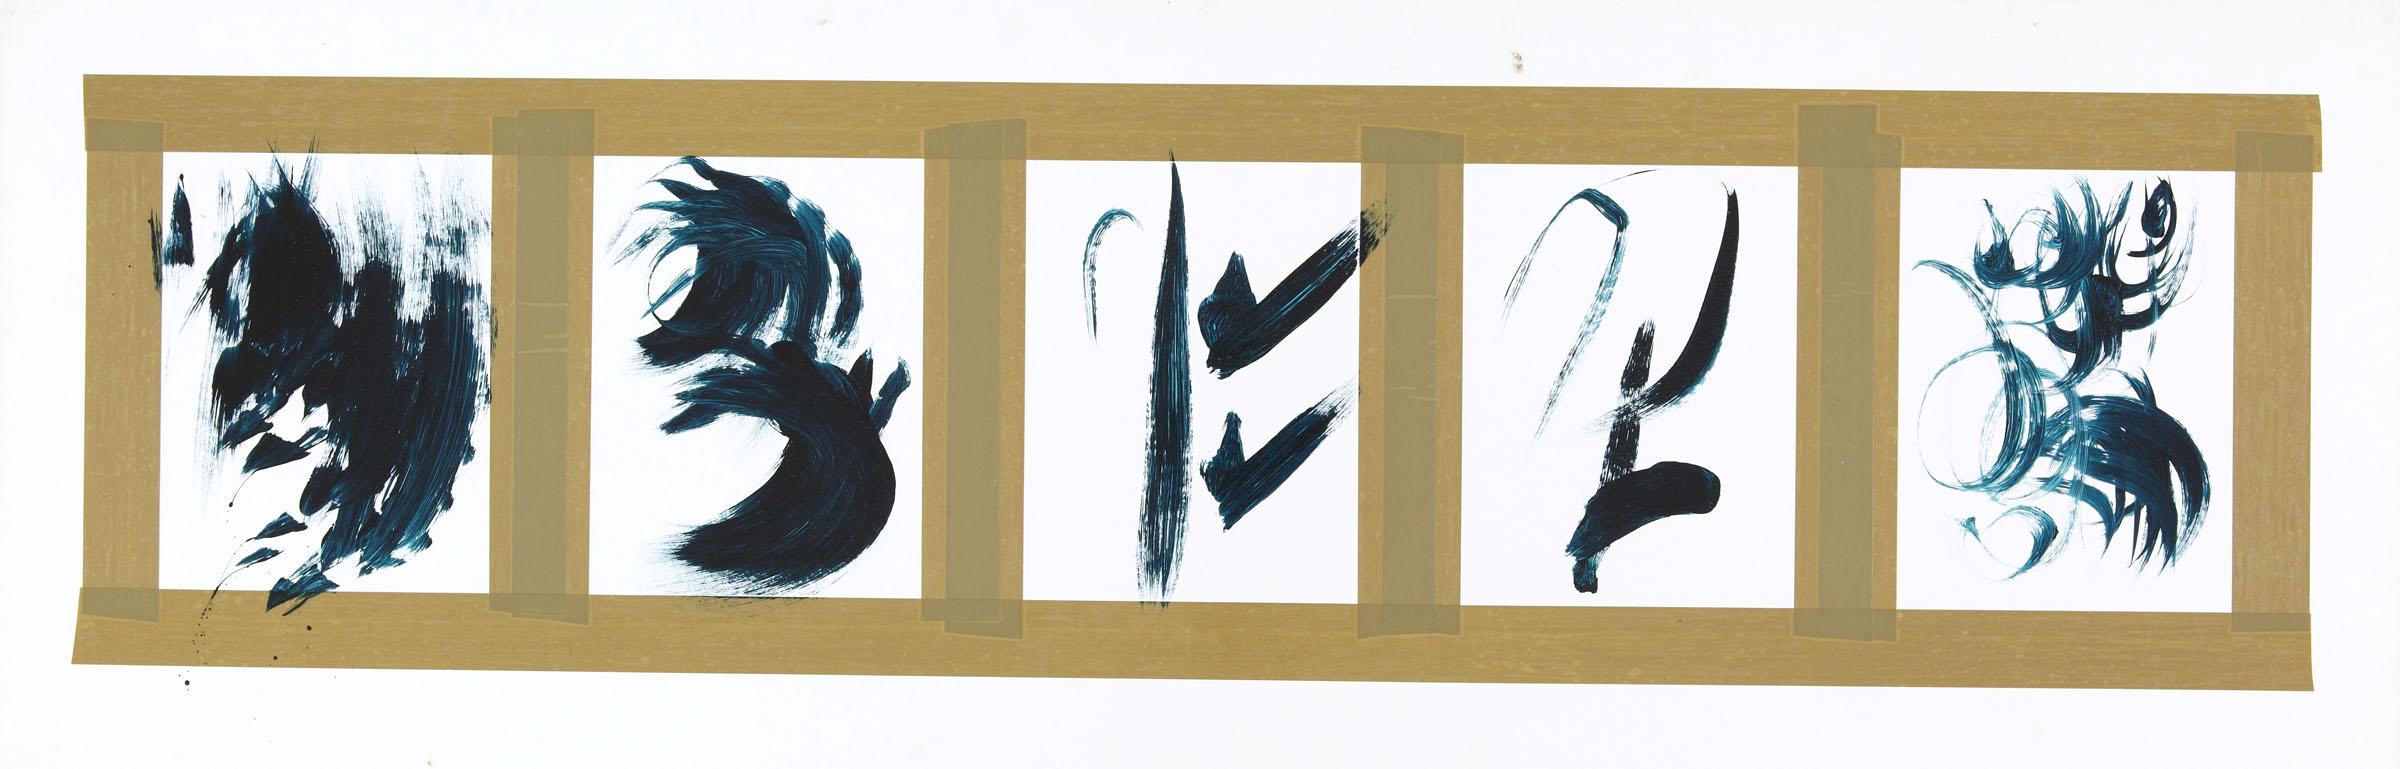 Hans Hartung, Senza titolo, 1975, acrilico su cartone, 39.2 x 119 cm (Fondazione Hartung-Bergman)